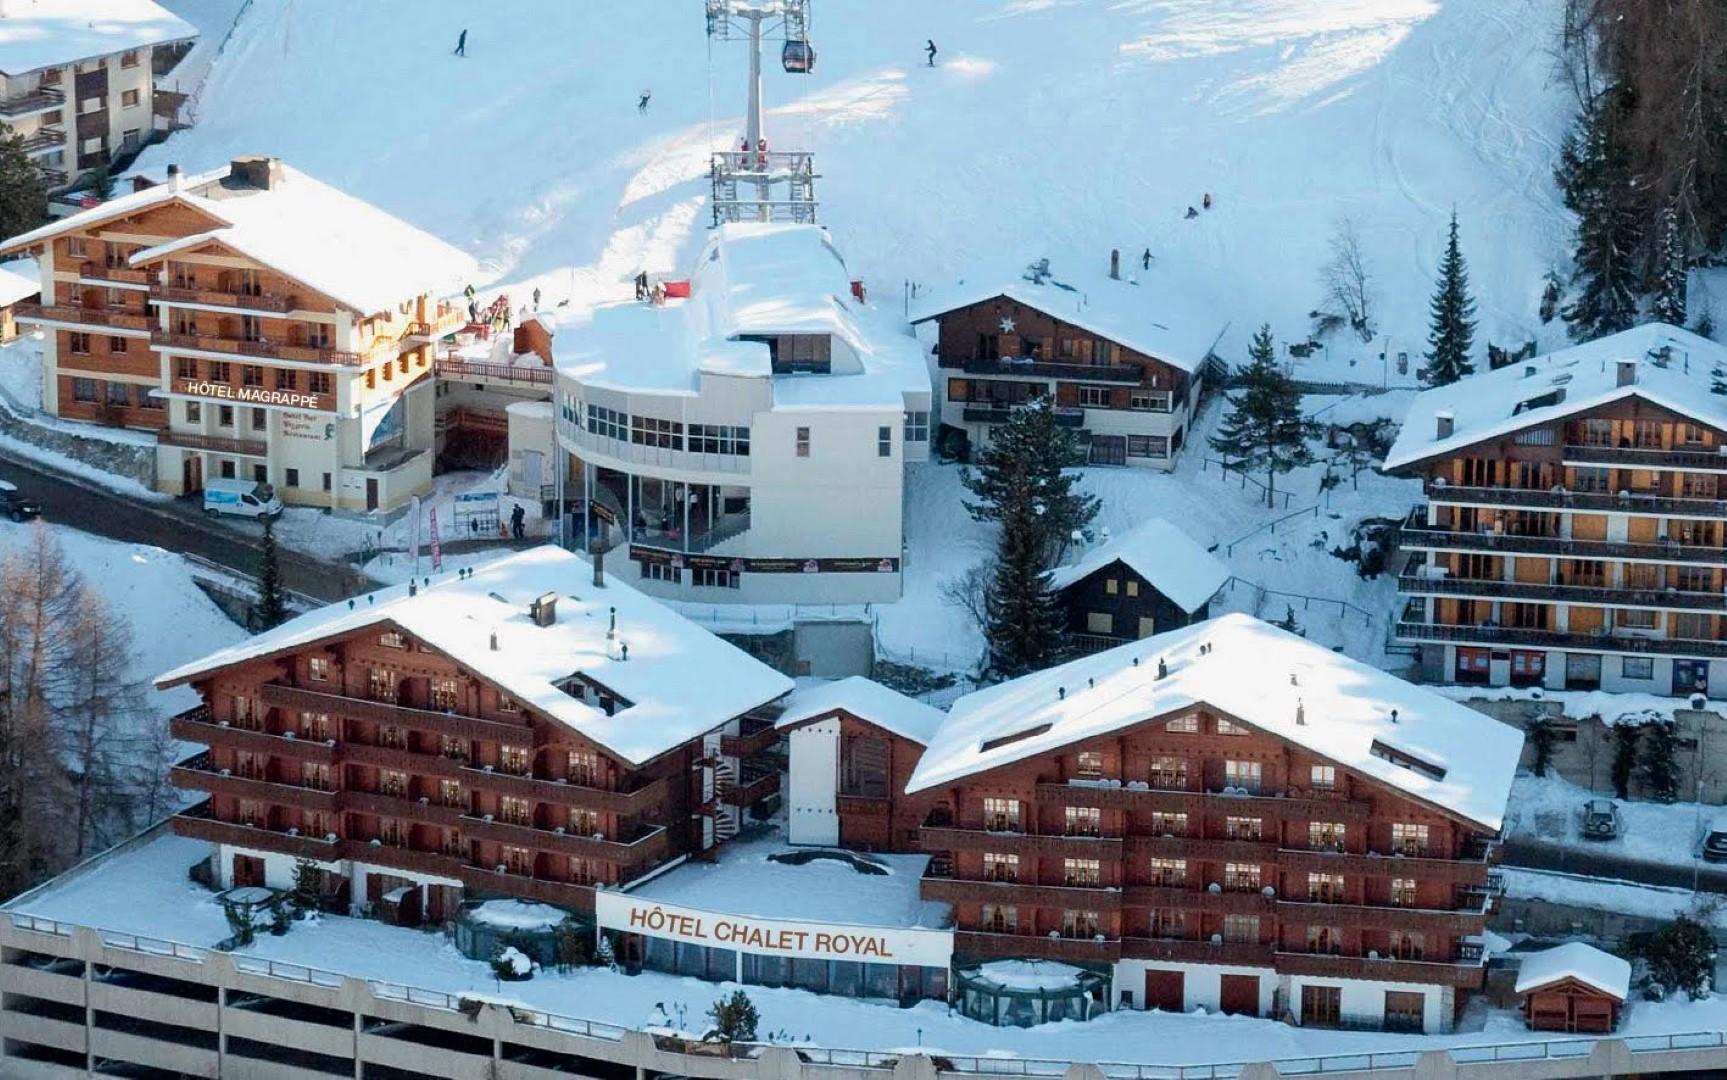 Hotel-Chalet-Royal-Veyzonnaz